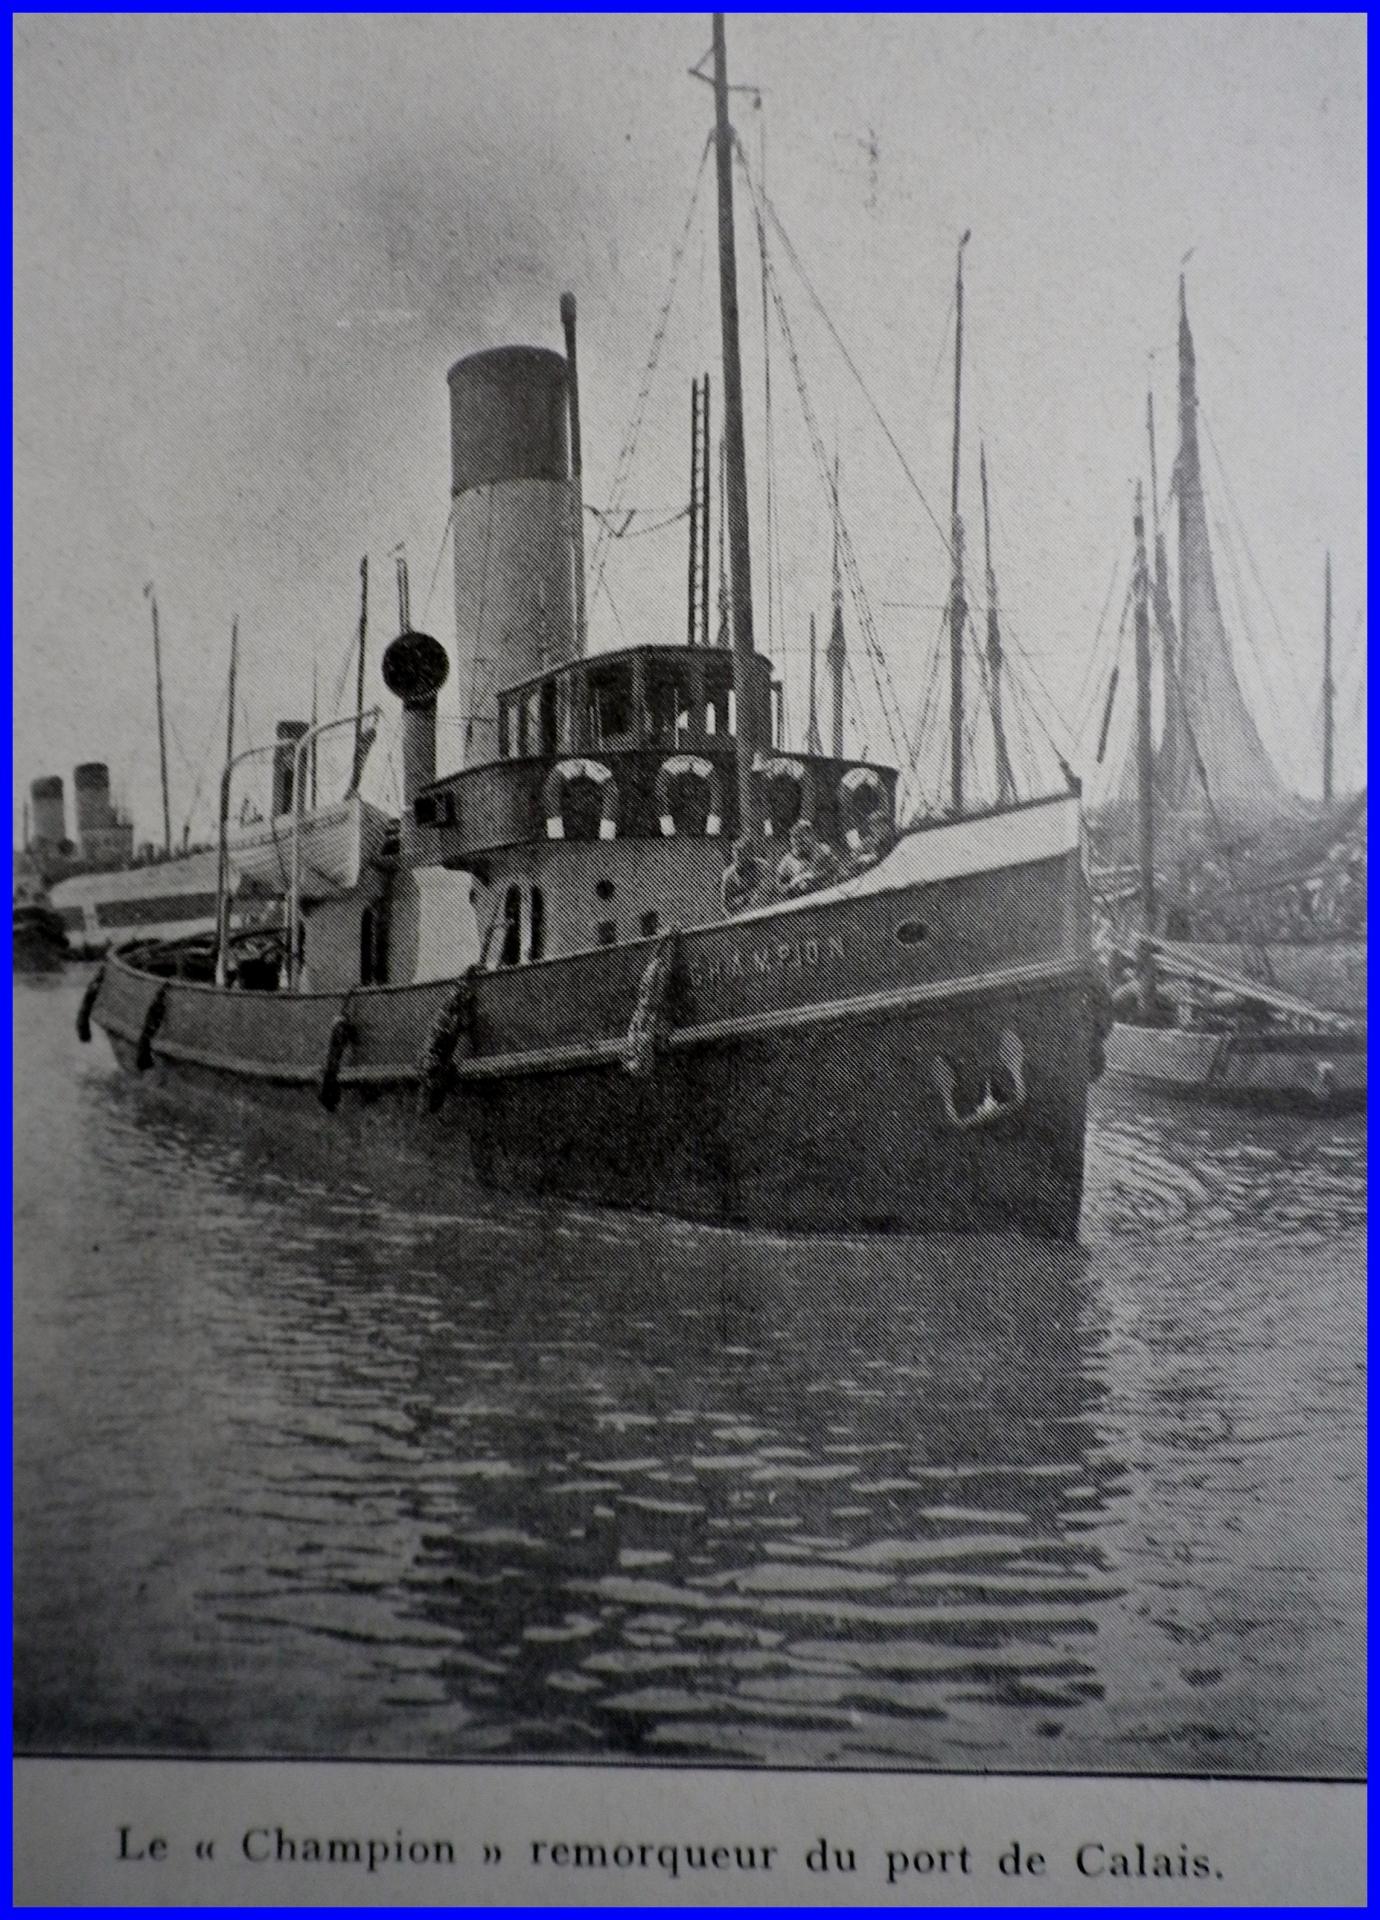 Calais 14 18 le champion remorqueur du port de calais encadre